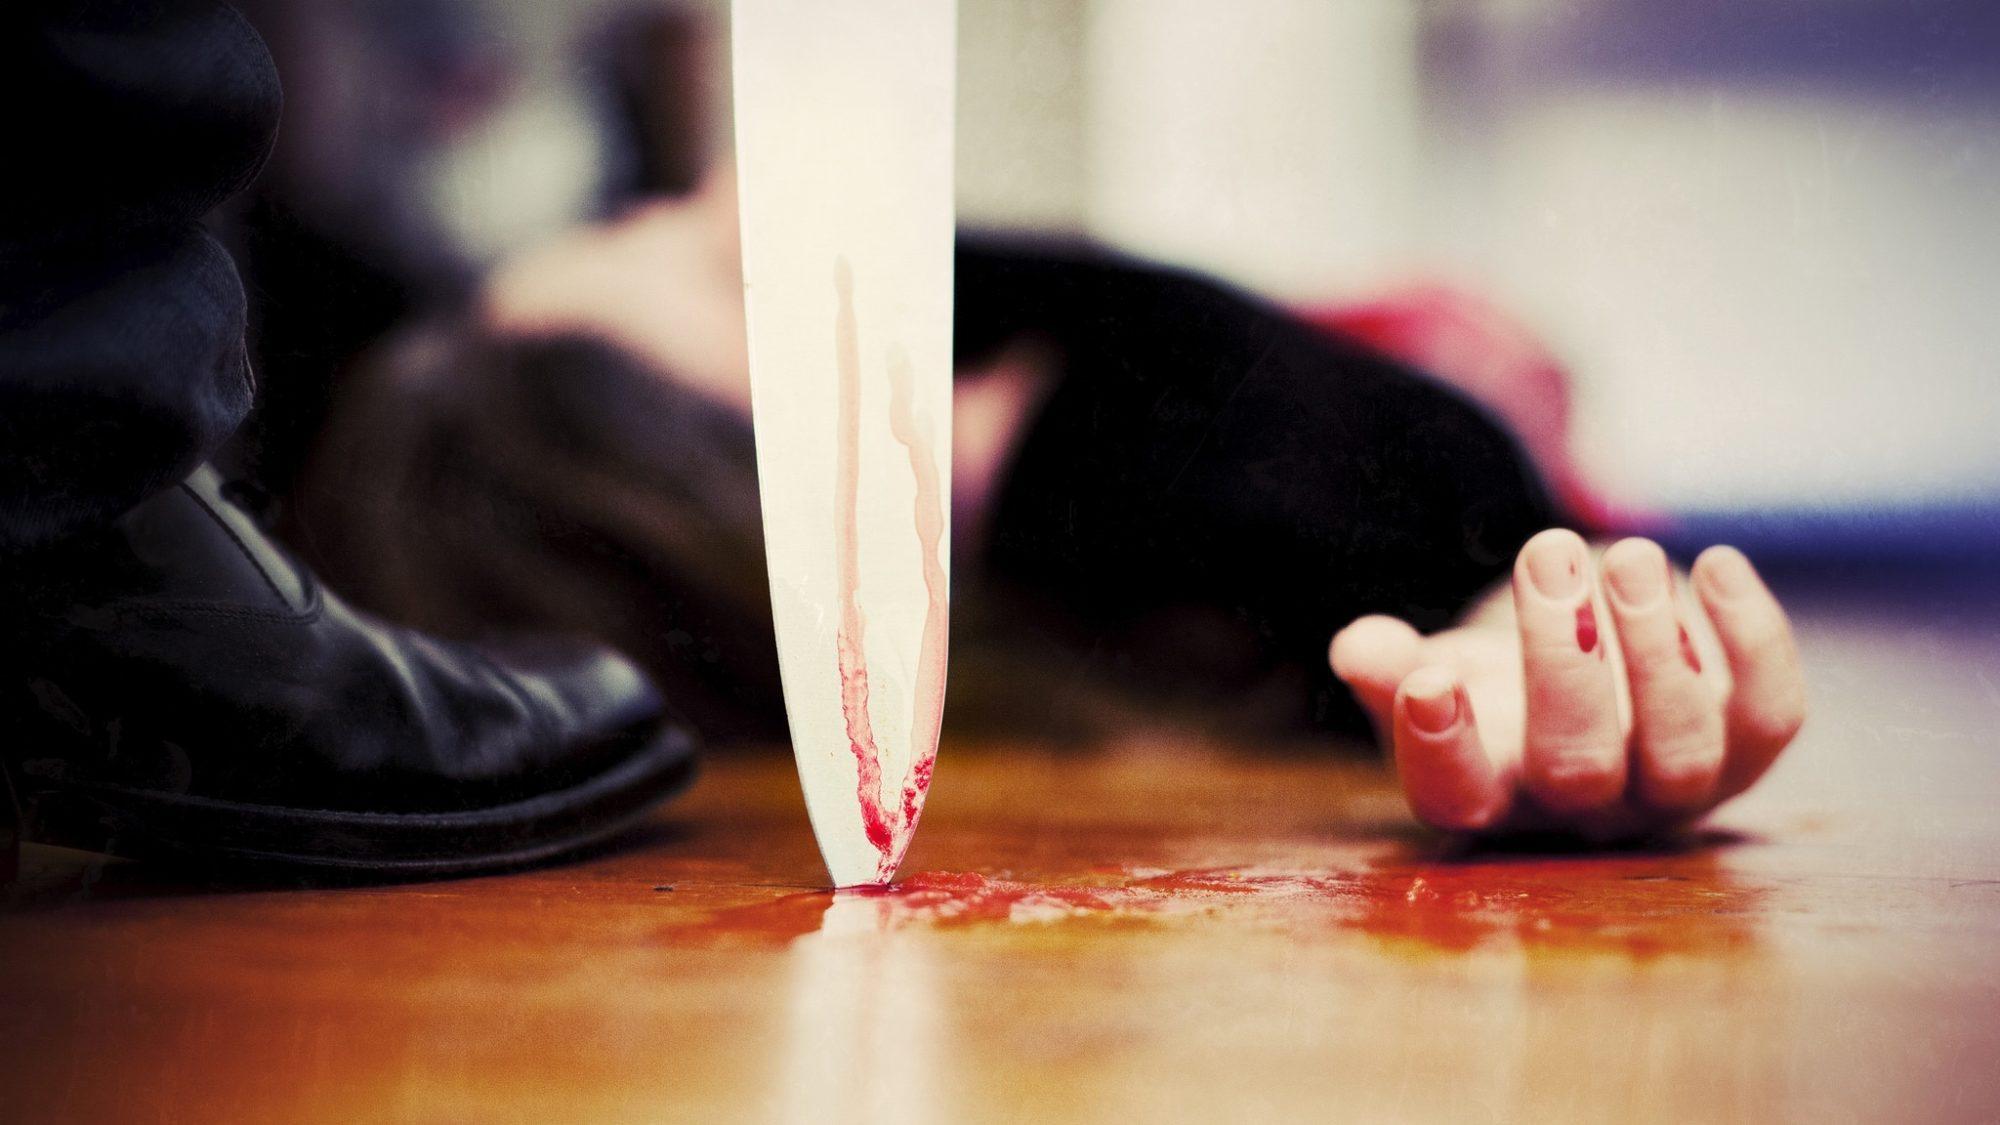 На Бориспільщині через політику сталося вбивство -  - 28849053425 67b1acc76c k 2000x1125